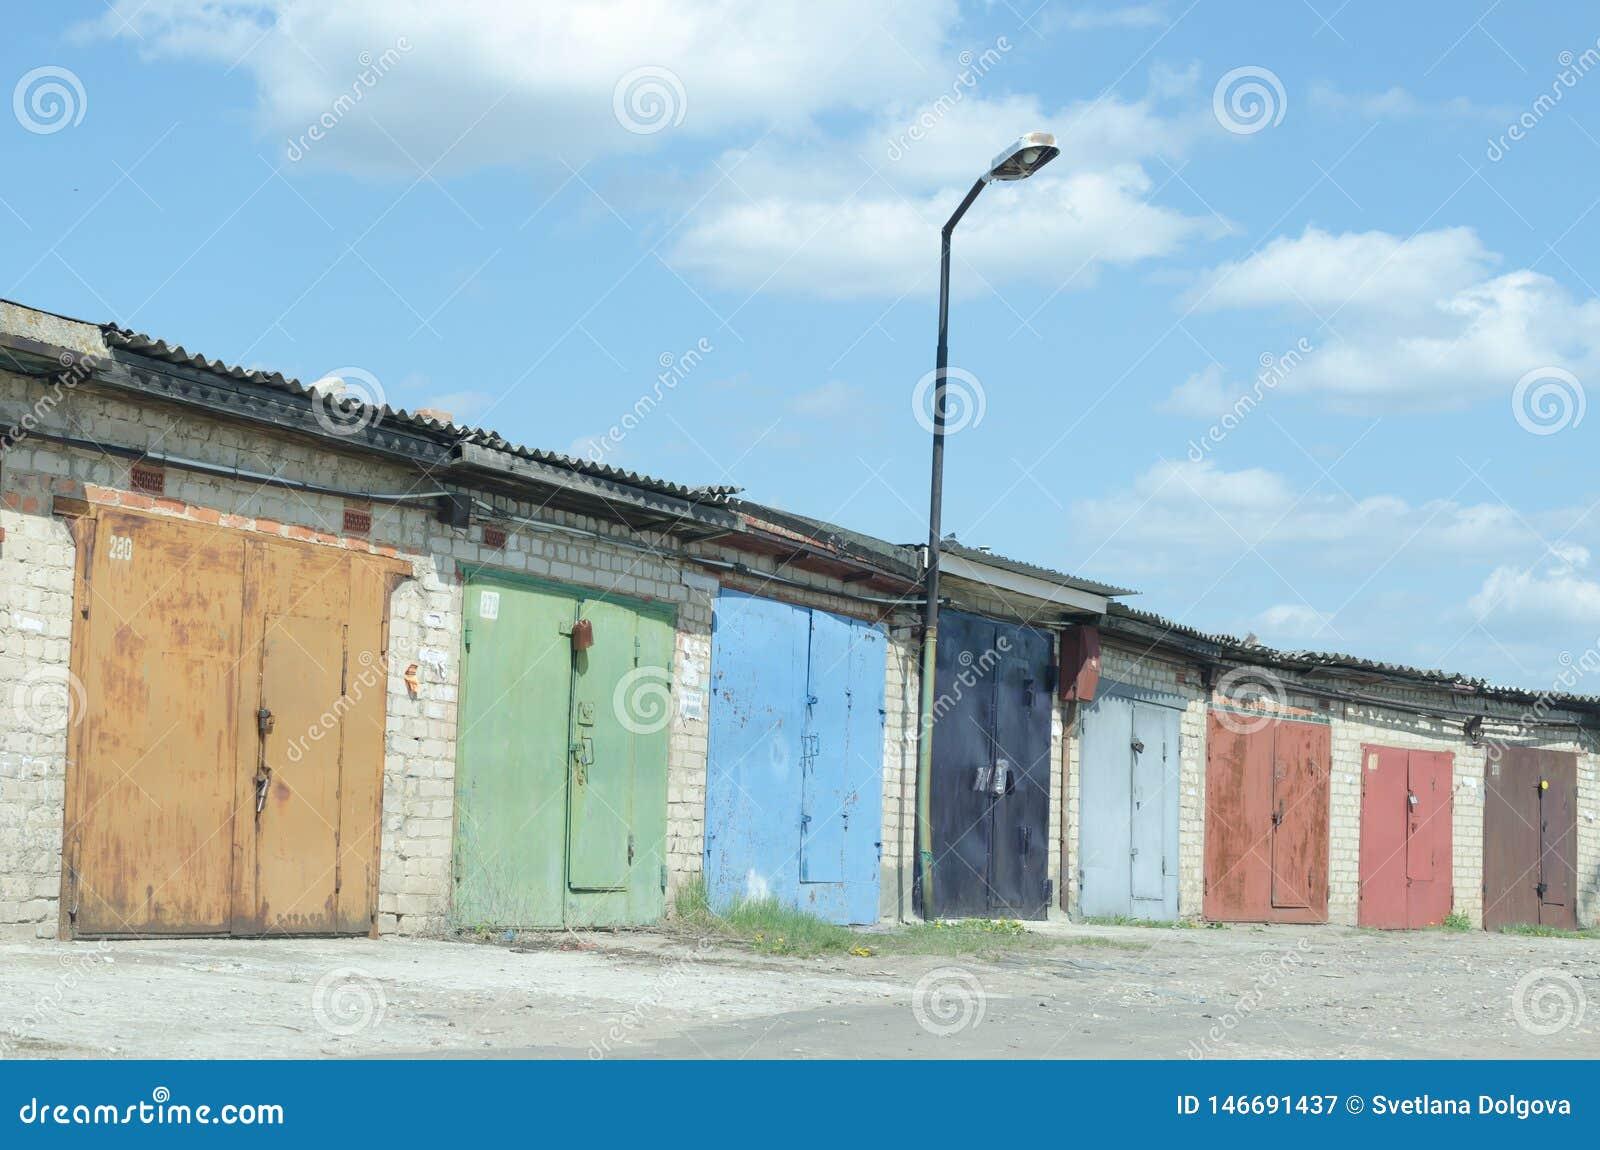 Vele oude garages met geschilderde deuren